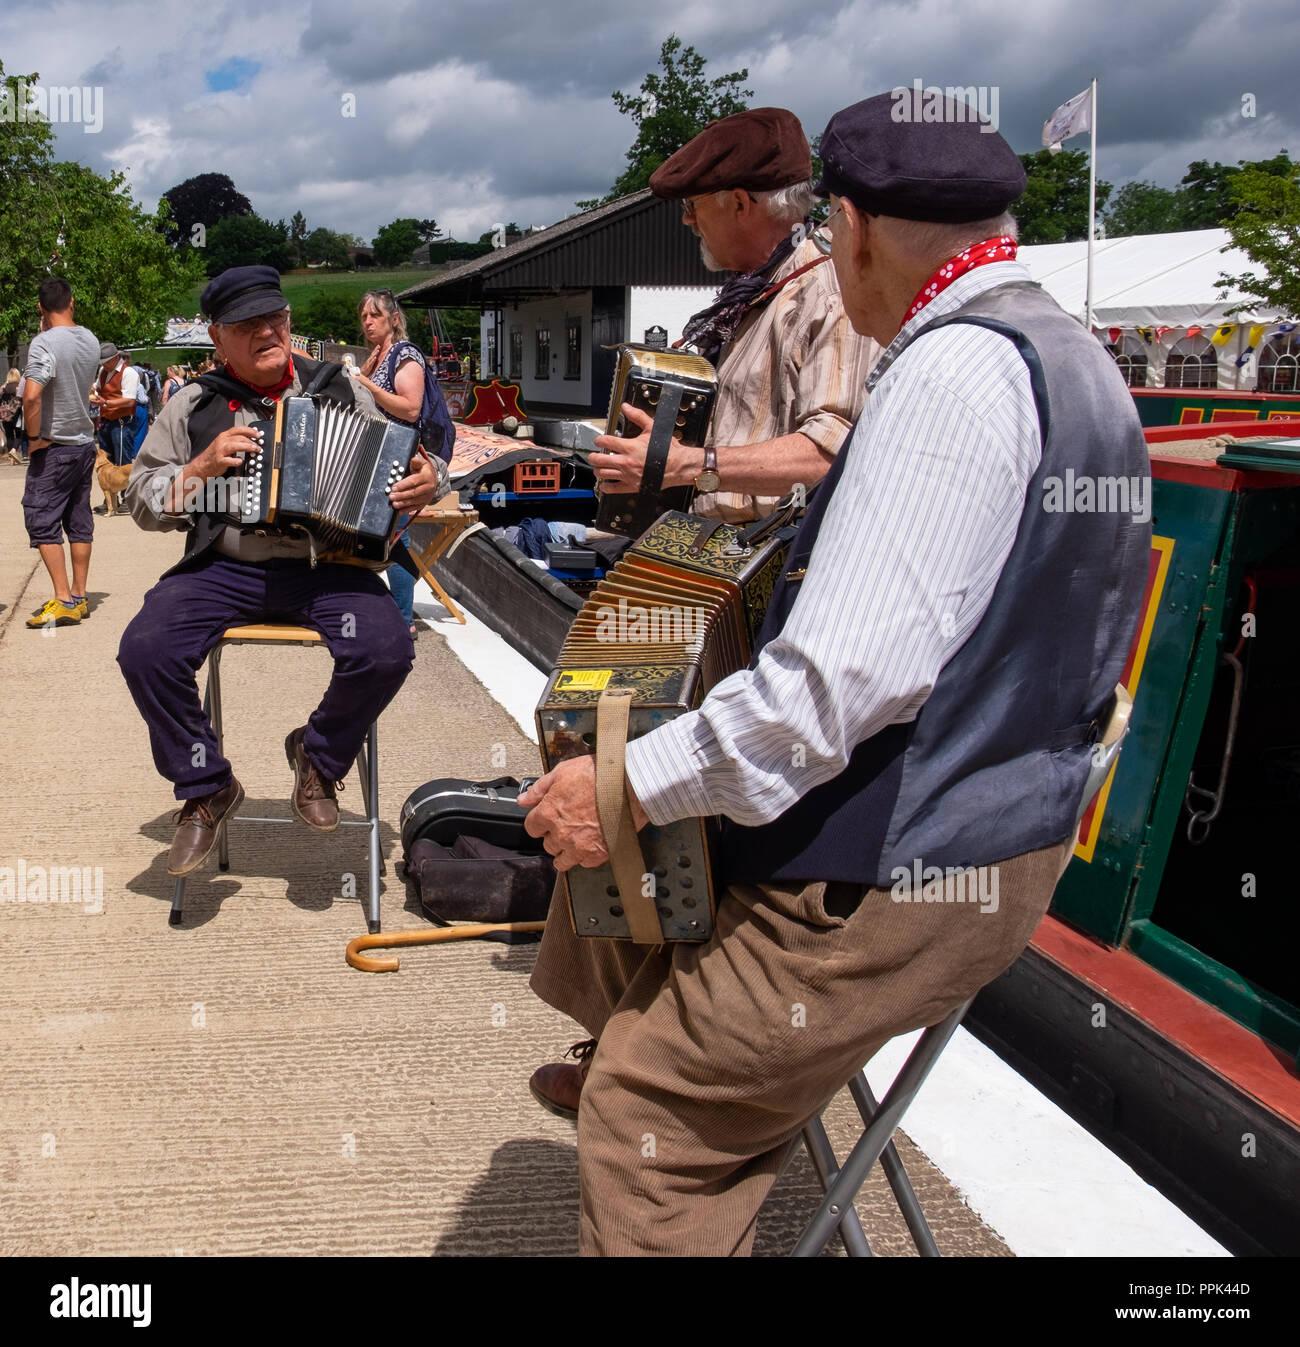 Trois hommes déjà en majuscules dans un style traditionnel costume playing accordion et presser les cases à côté des bateaux du canal sur le canal. Photo Stock